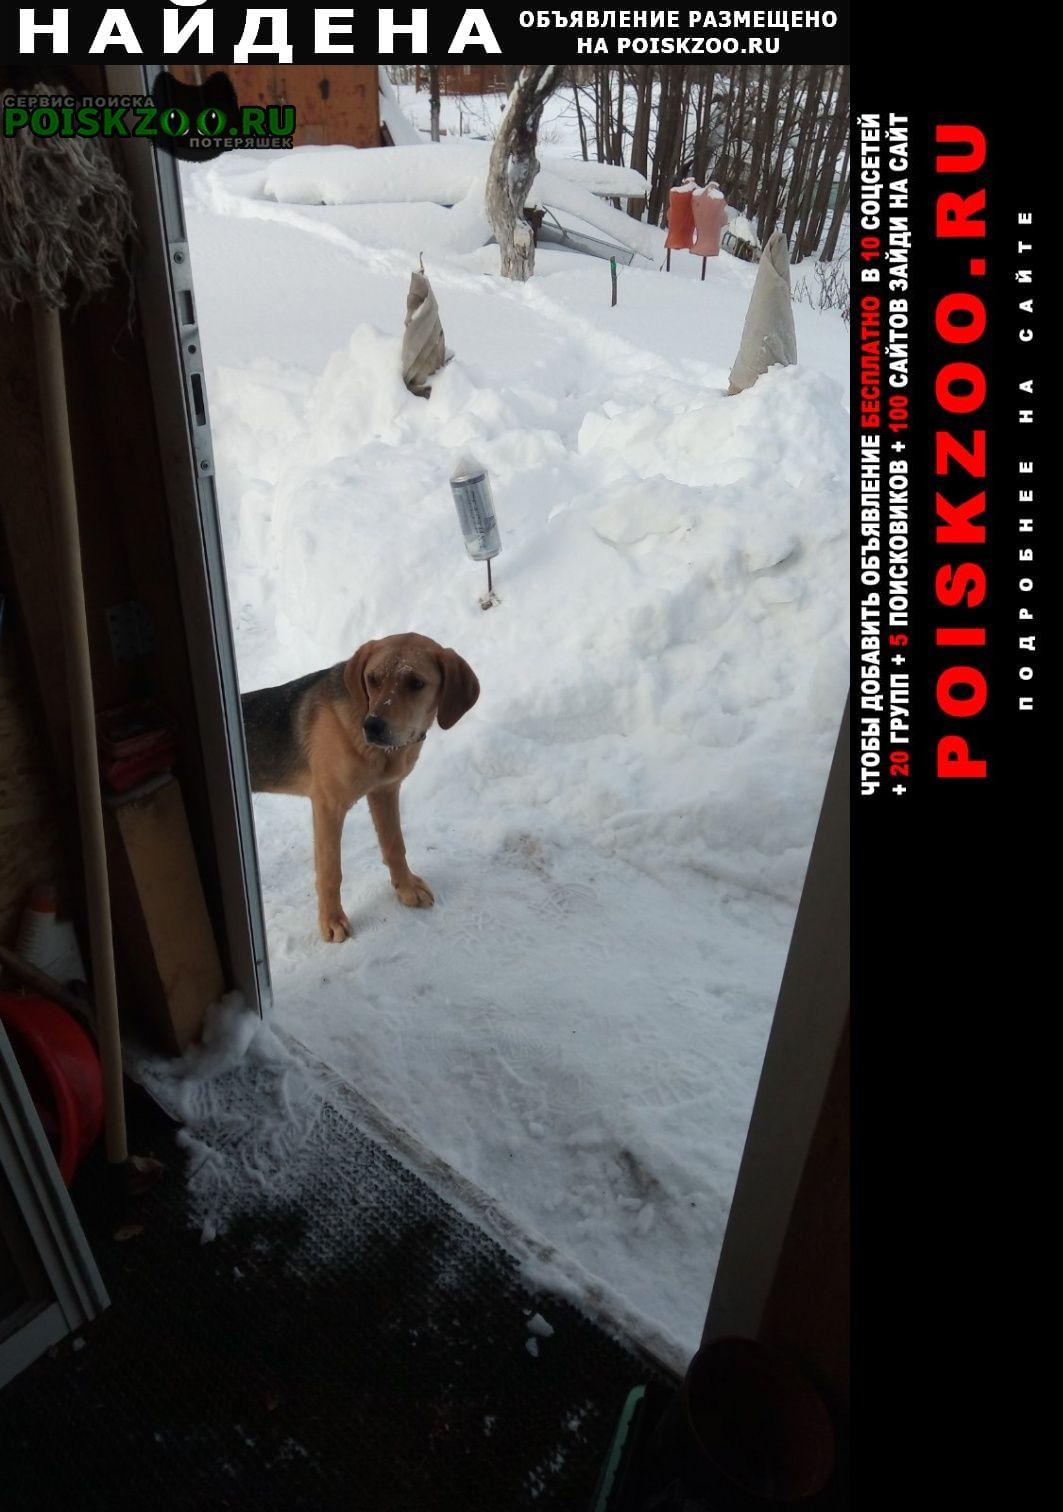 Найдена собака девочка, молодая Владимир